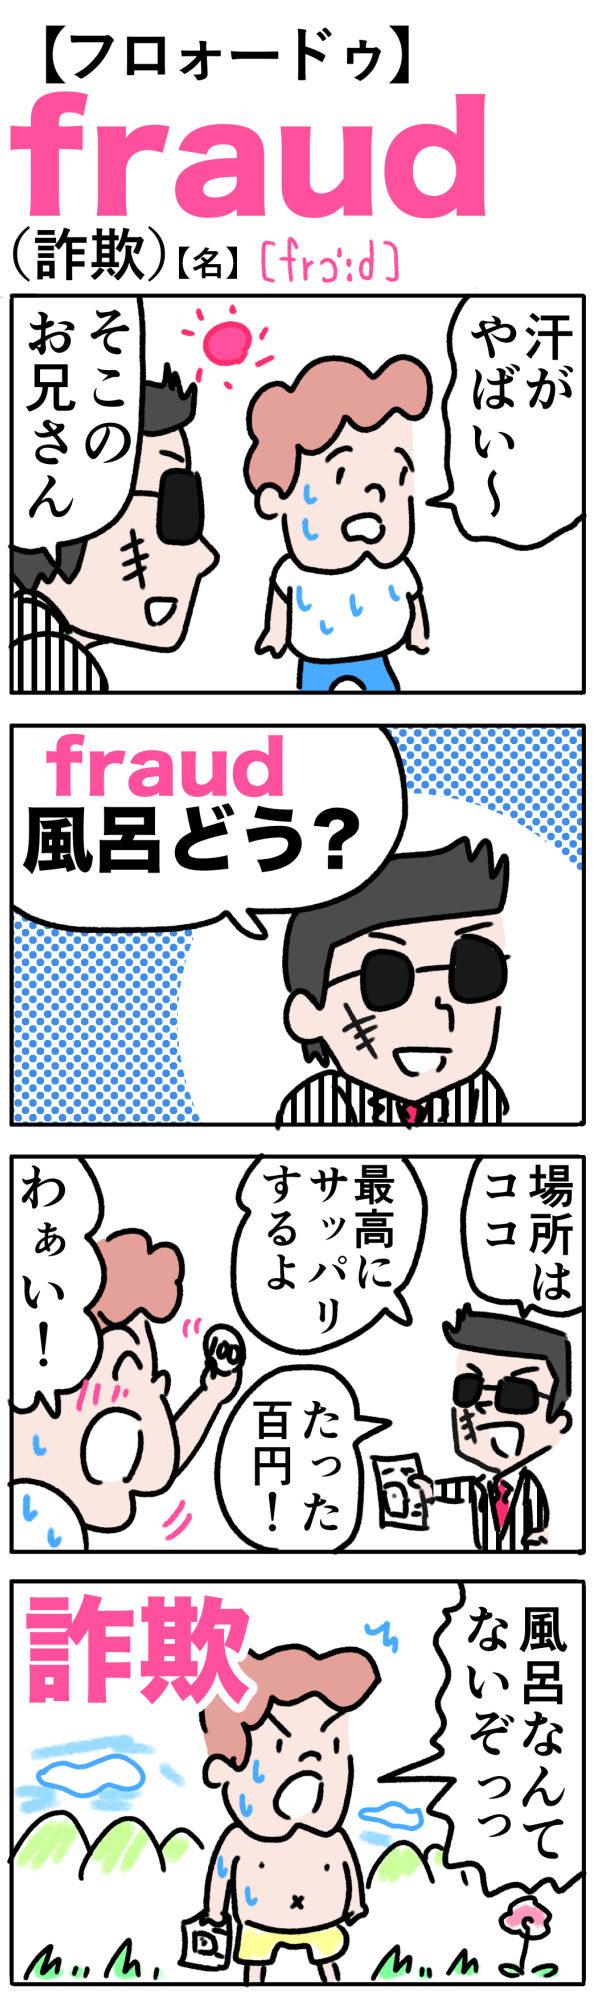 fraud(詐欺)の語呂合わせ英単語